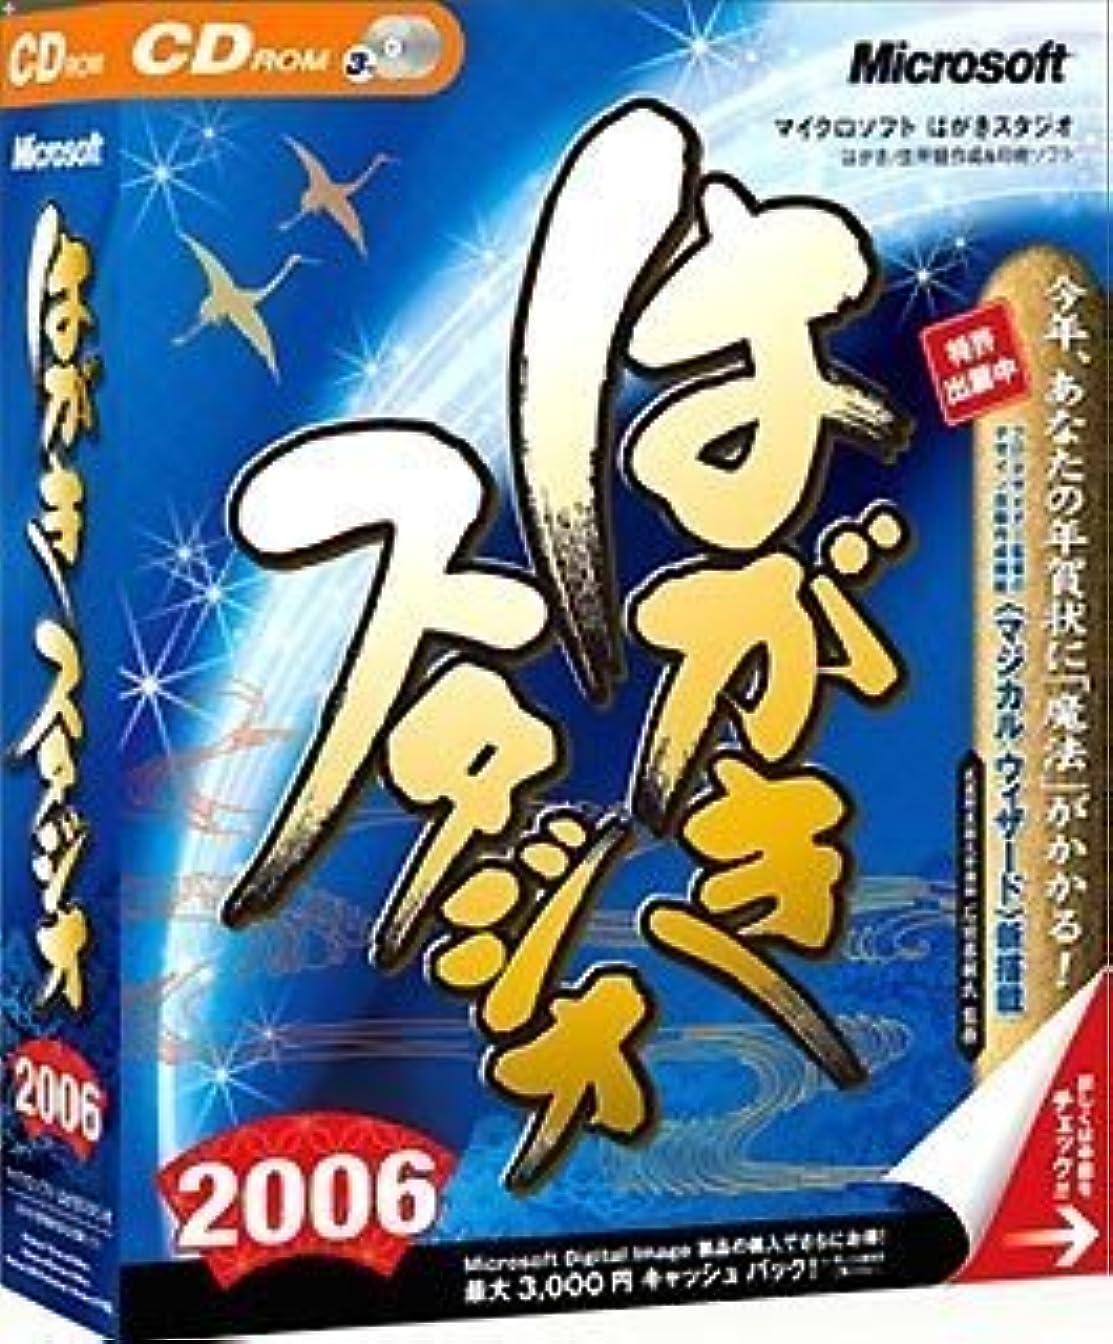 連続的溶ける形はがきスタジオ 2006 乗り換えアップグレード CD-ROM版